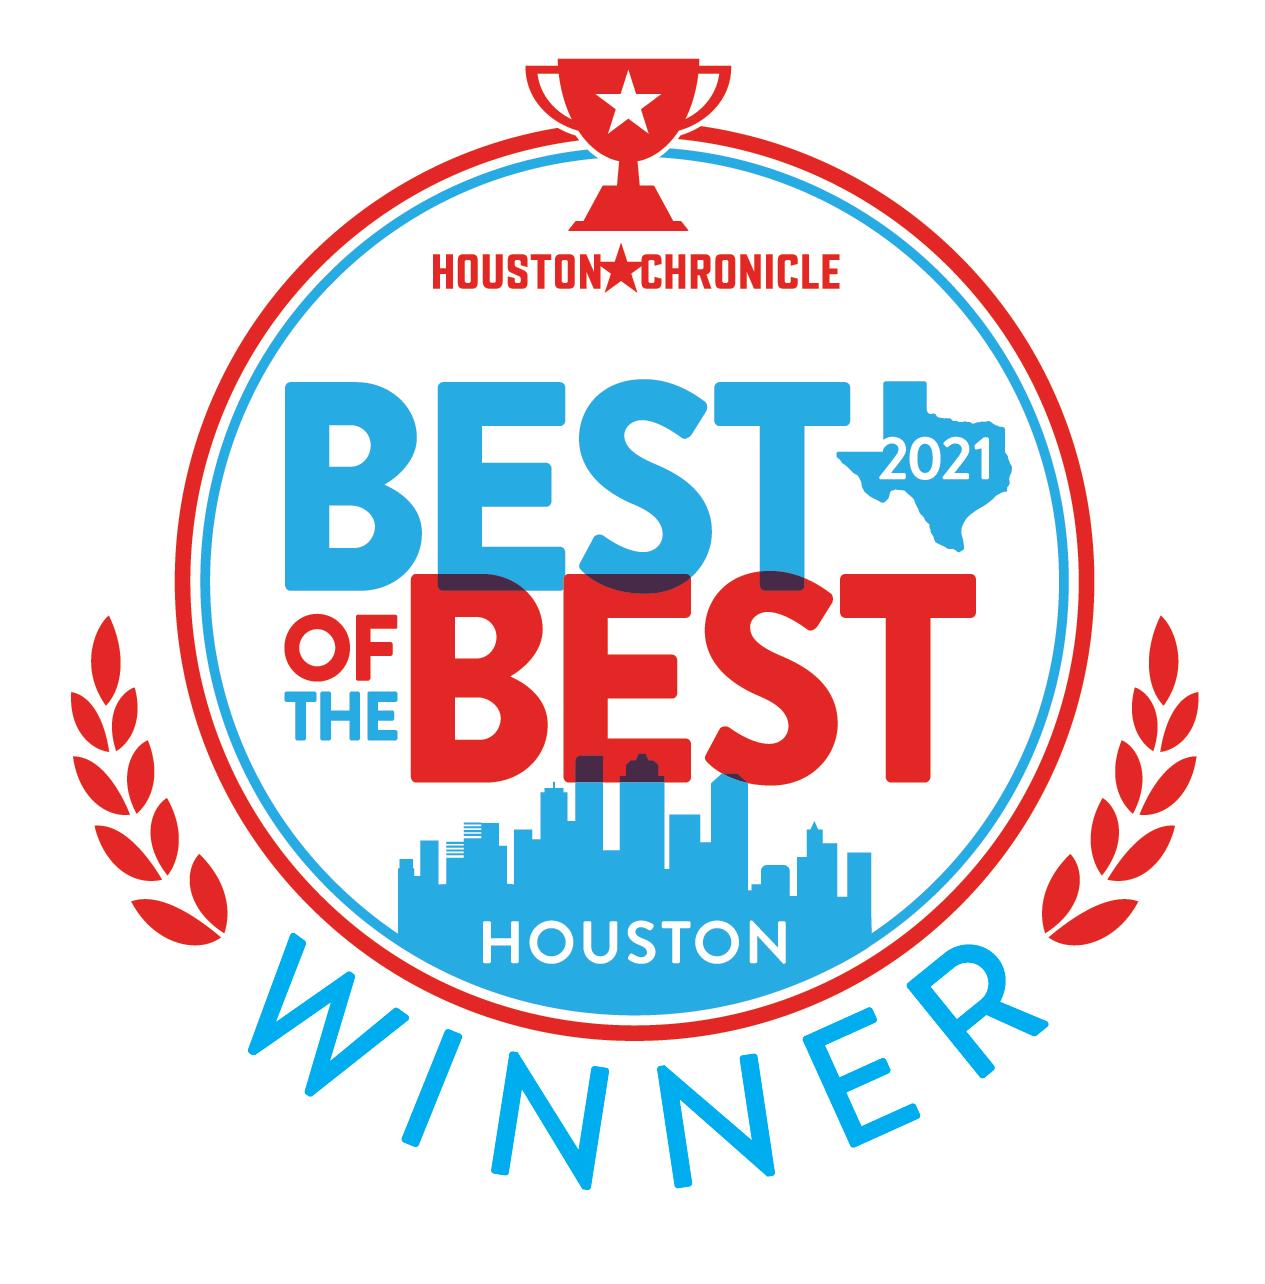 Best of the Best Houston 2021 Award